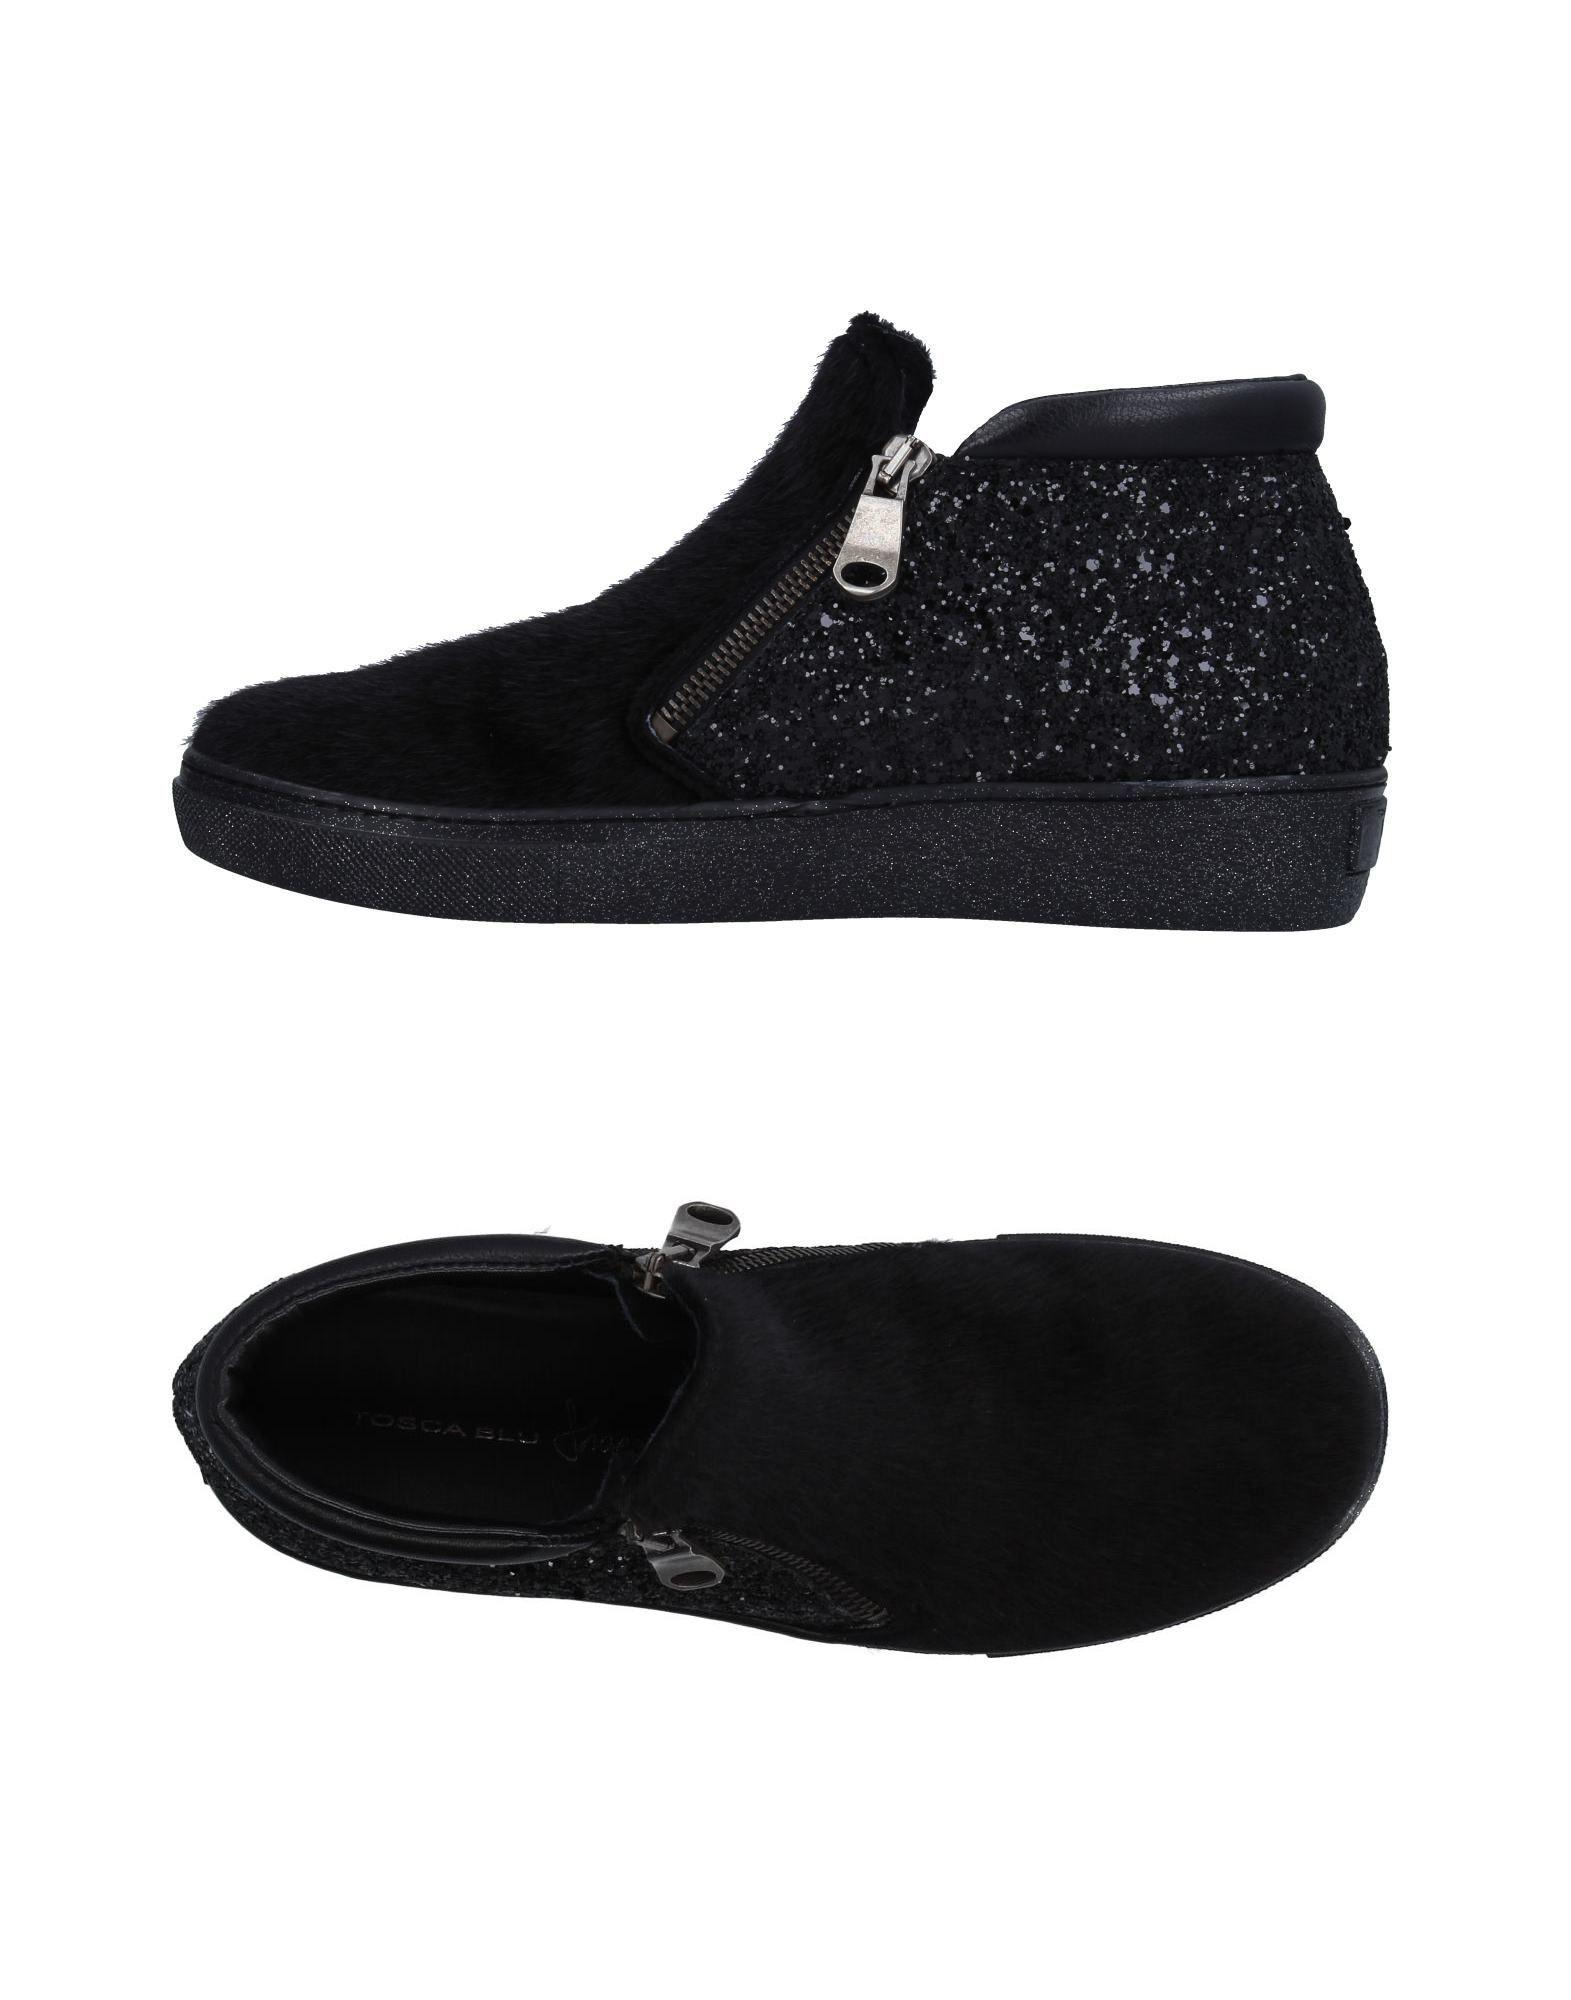 Tosca Blu Shoes Sneakers Damen Damen Damen  11311140WN Gute Qualität beliebte Schuhe c4d54b